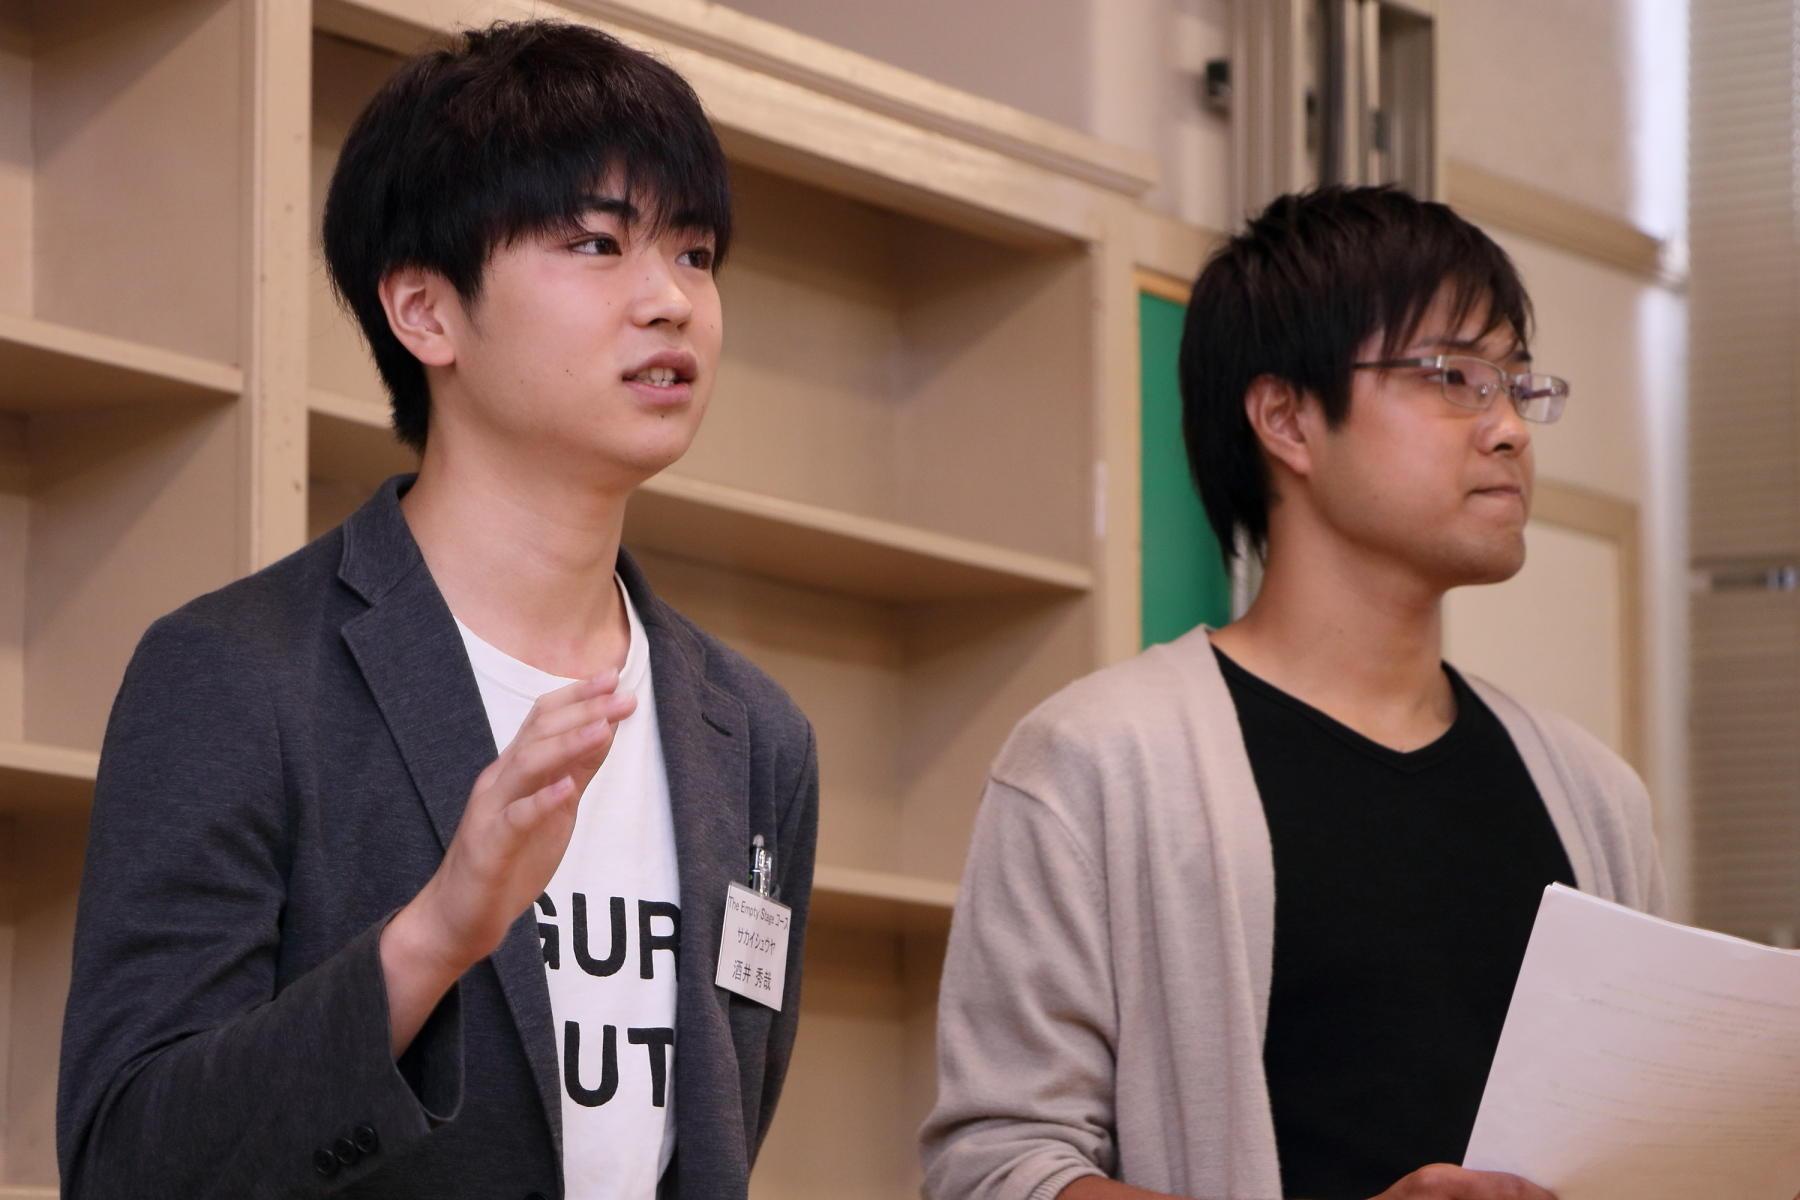 http://news.yoshimoto.co.jp/20170910064109-09d459293d2f5a4773797b76dae1f11c0fc55c6f.jpg